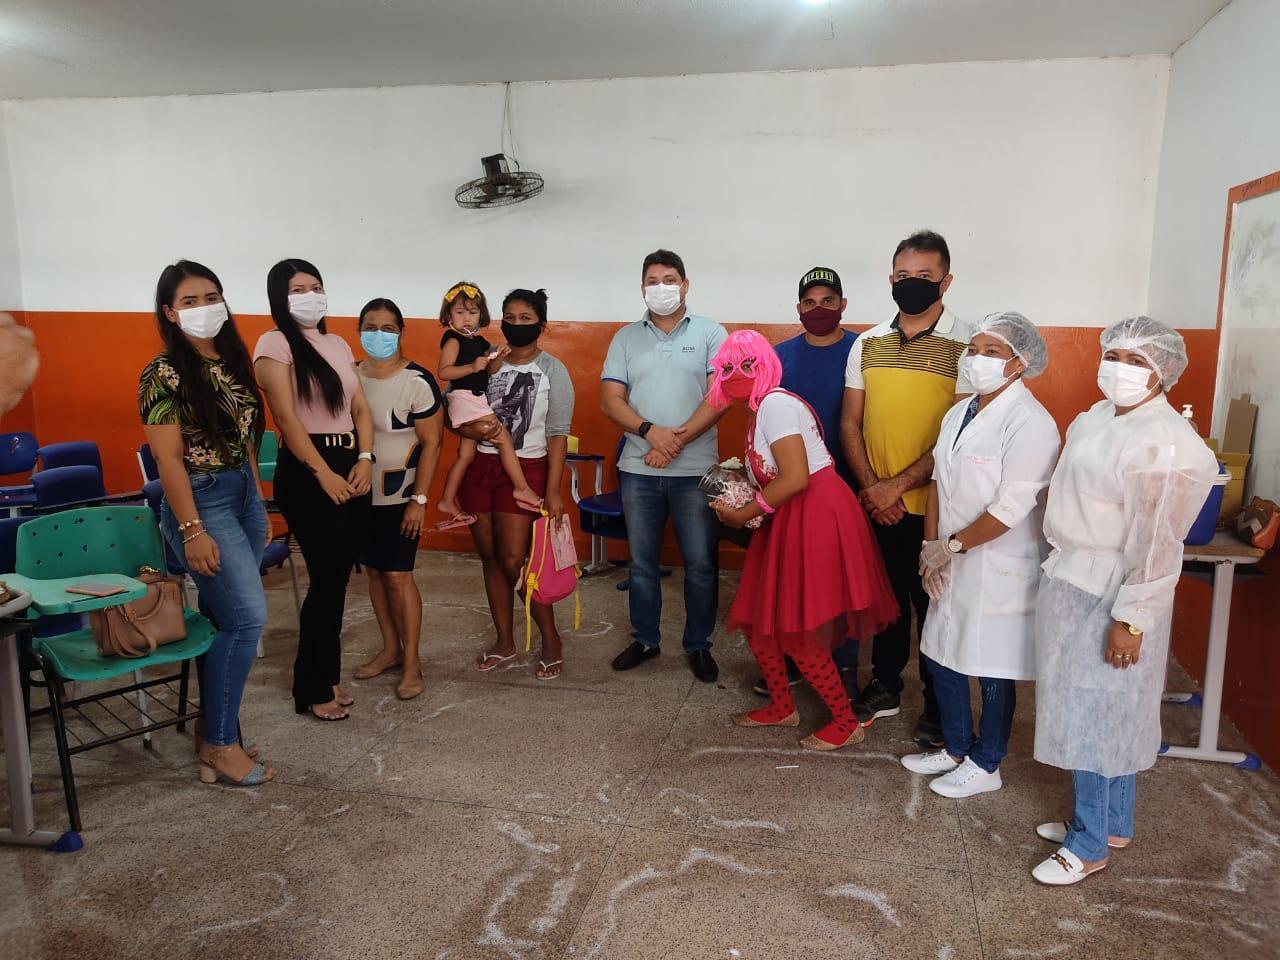 Imunizados: Secretaria de Saúde inicia vacinação da Cocivd-19, dos profissionais da educação de Lago Verde.